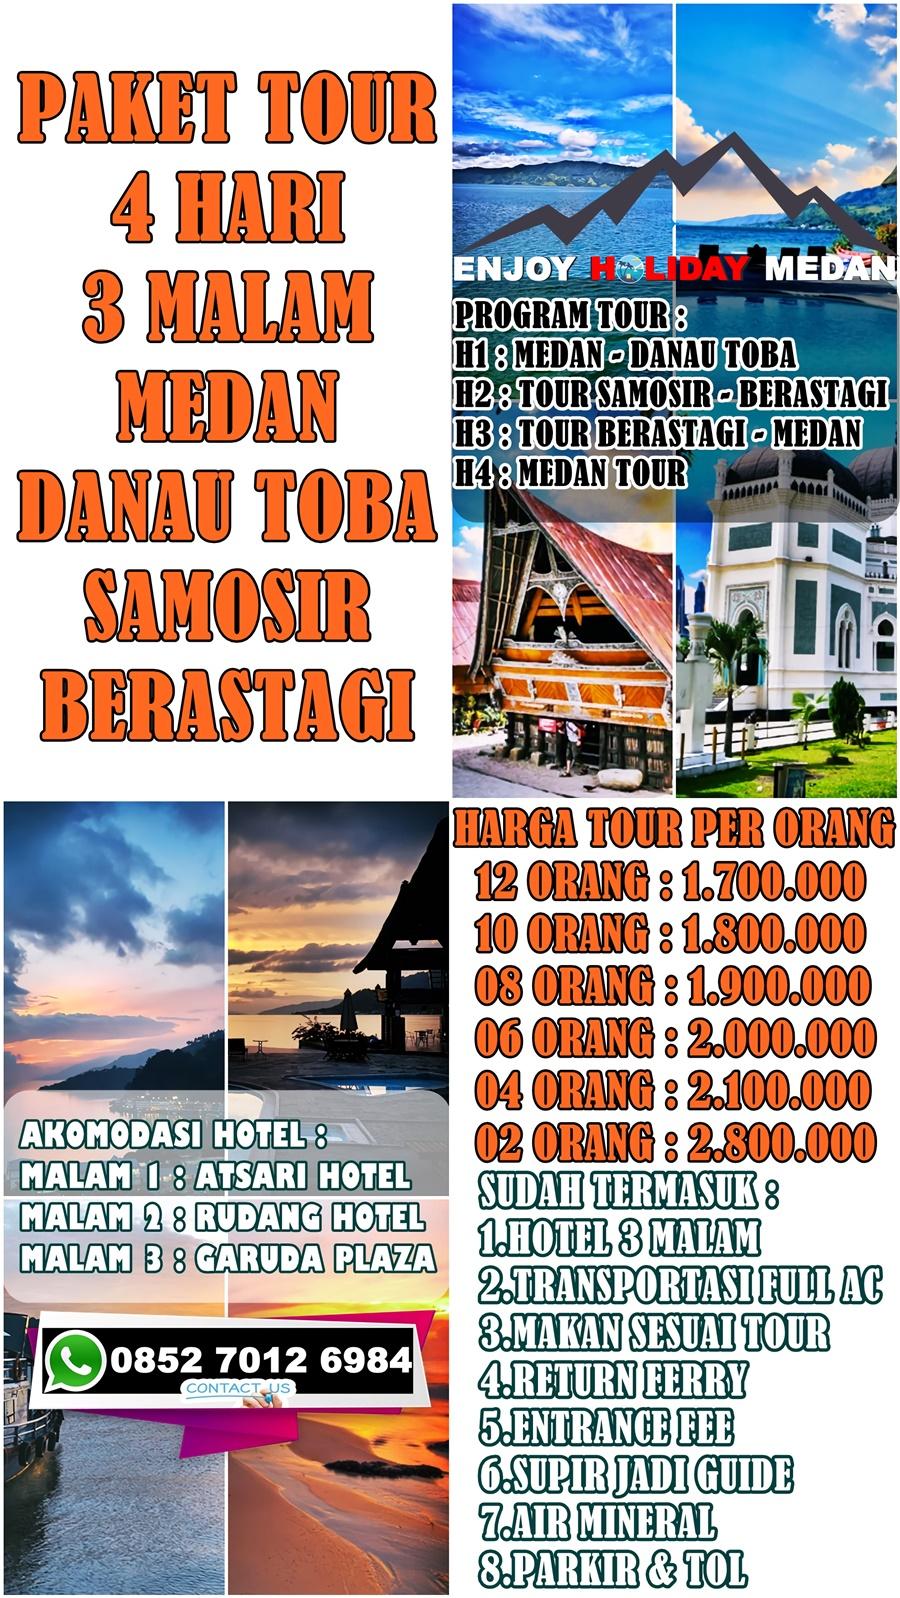 4H3M Paket Tour Medan Danau Toba